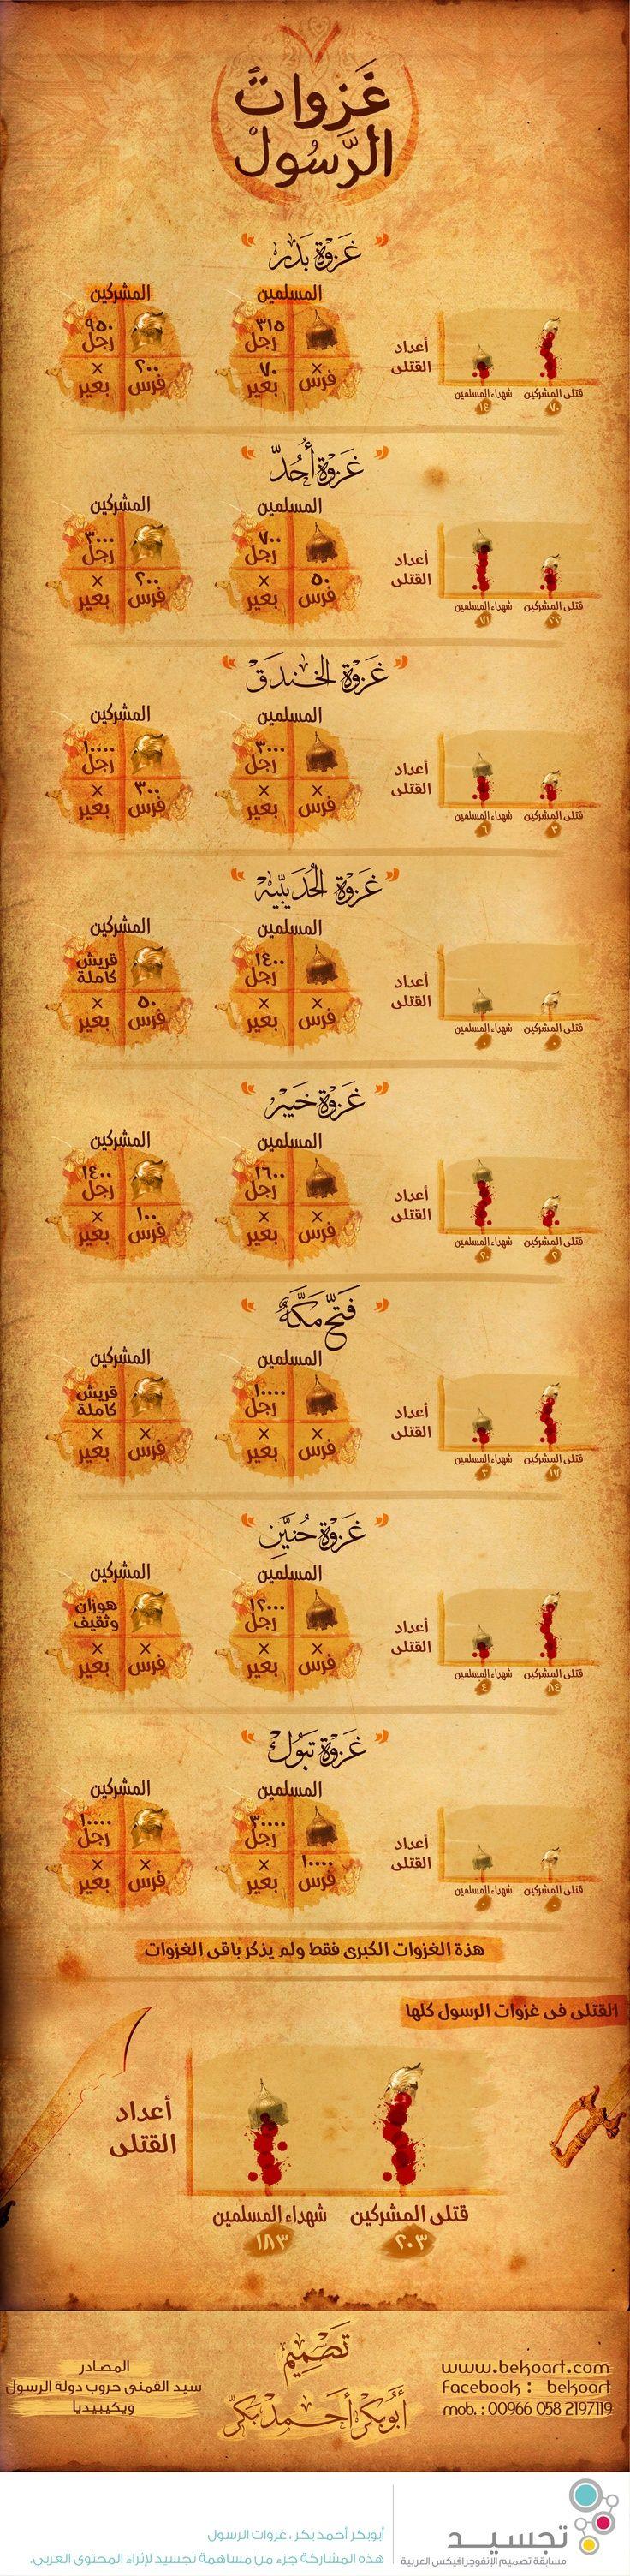 انفوجرافيك عربي - غزوات الرسول صلى الله عليه وسلم